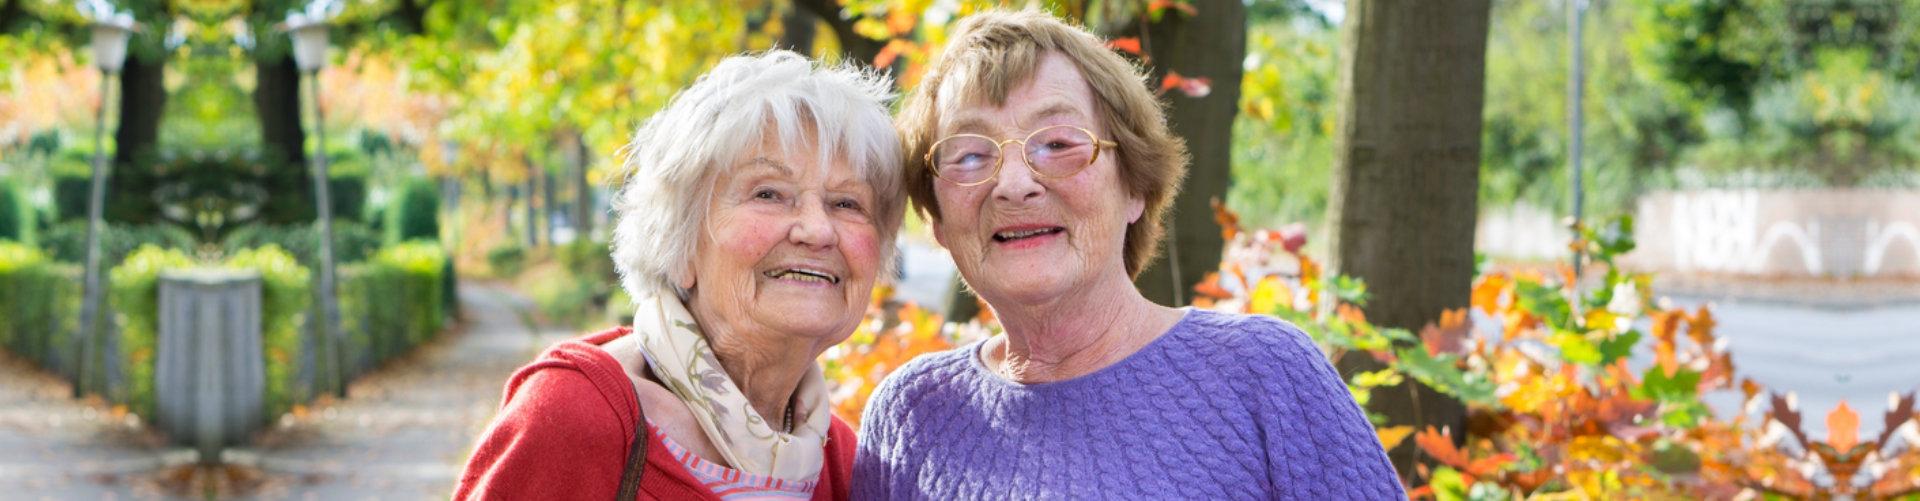 elders smiling